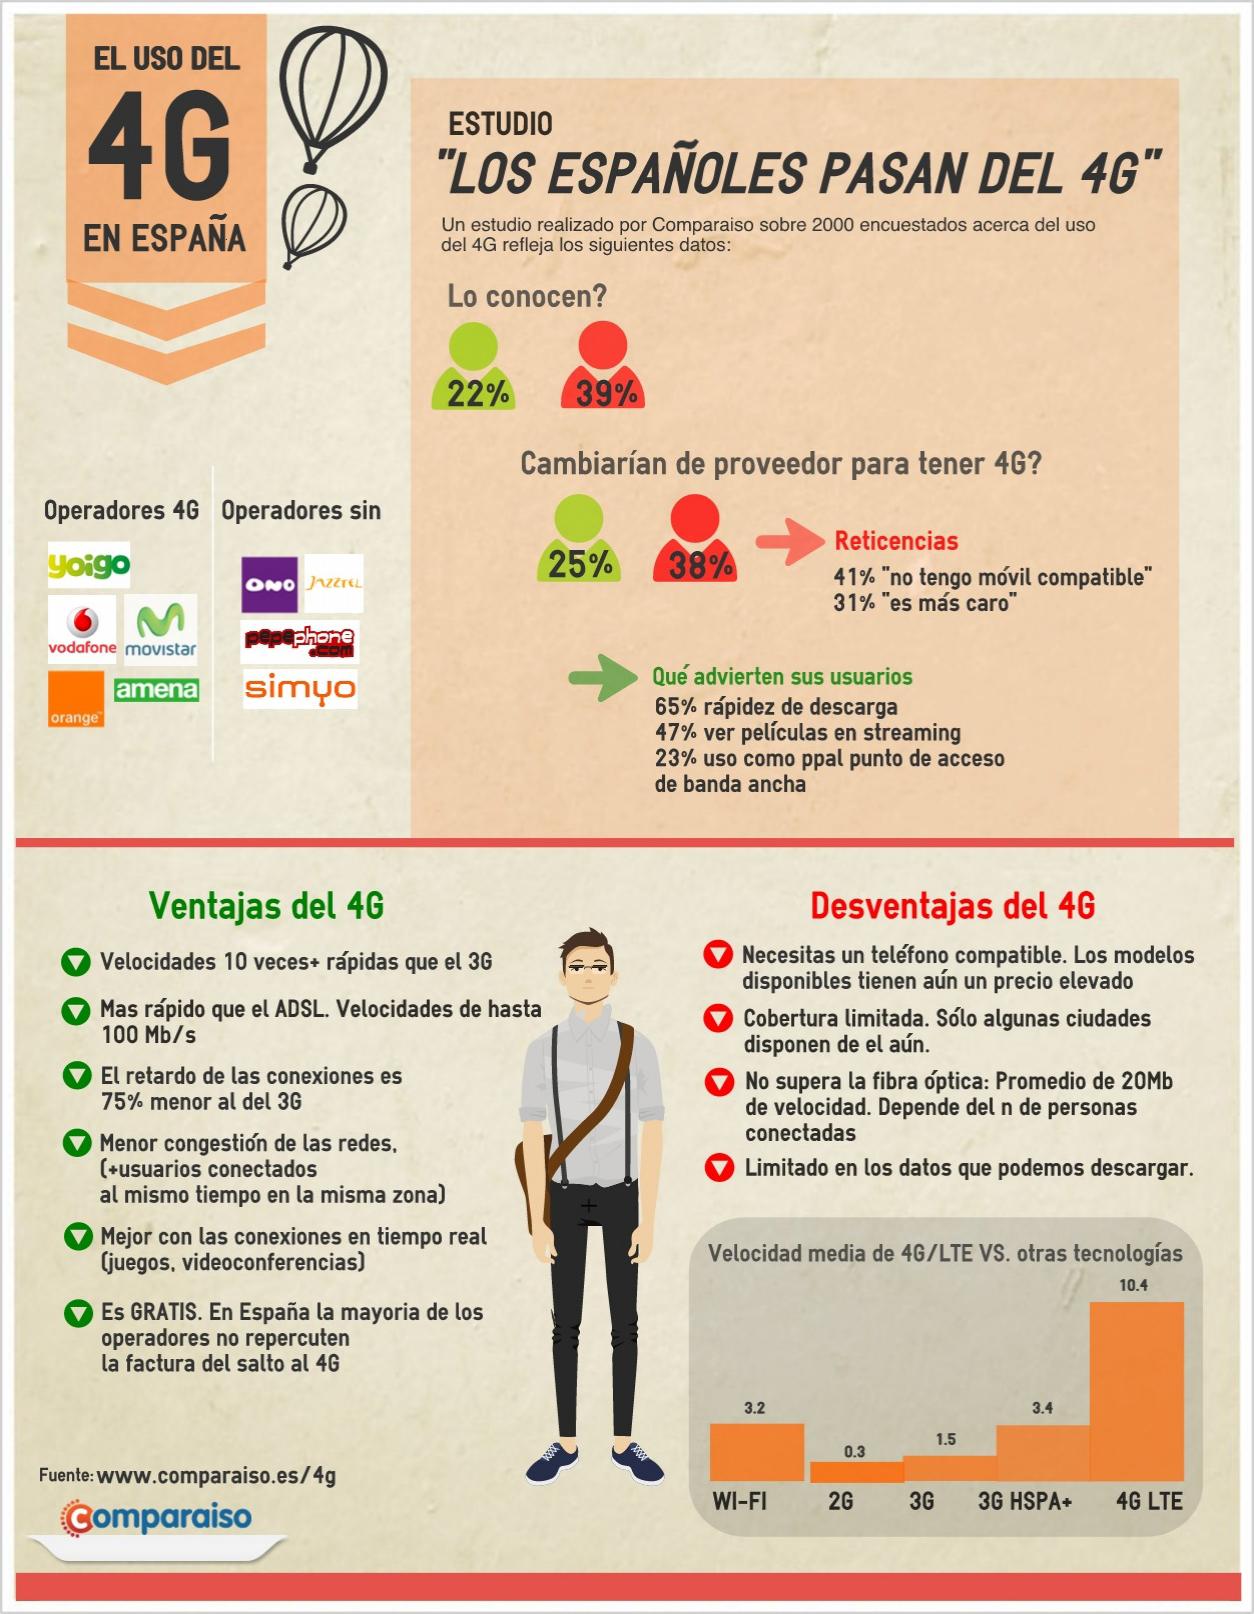 Infografia-Uso-4g--España-Comparaiso